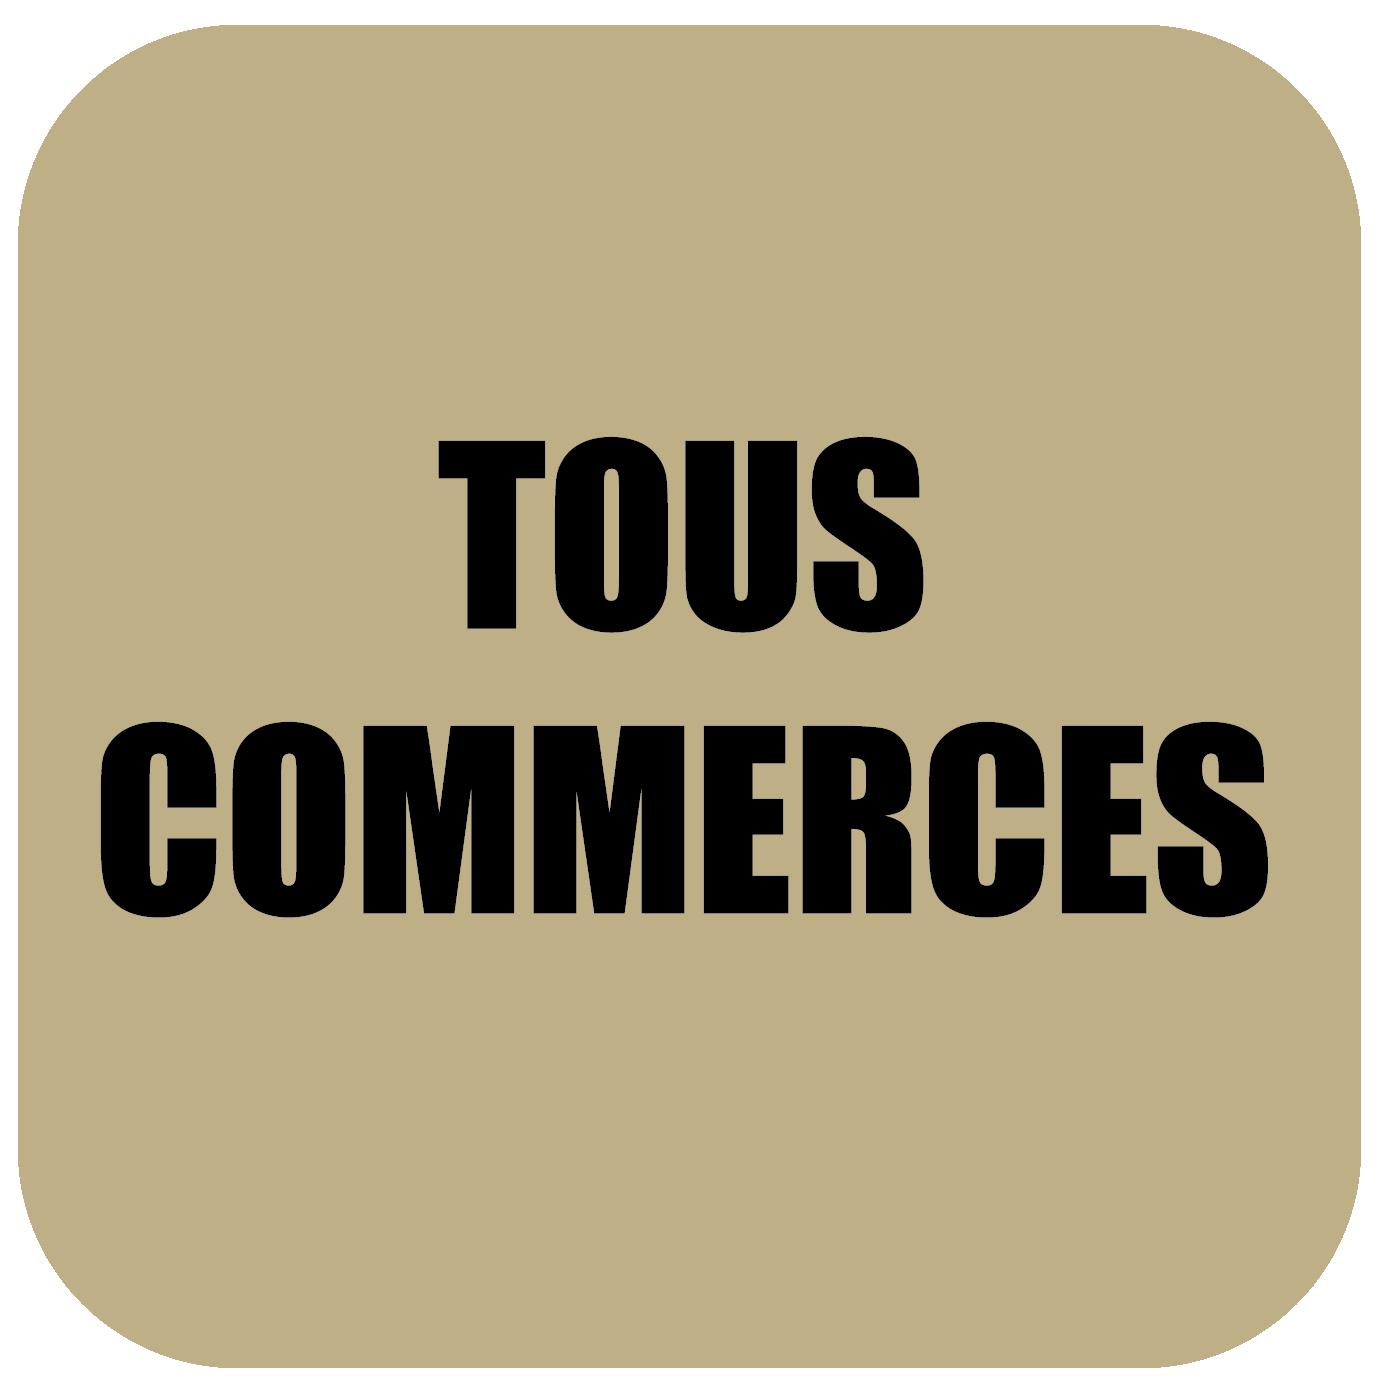 Tous commerces à vendre - 60.0 m2 - 05 - Hautes-Alpes